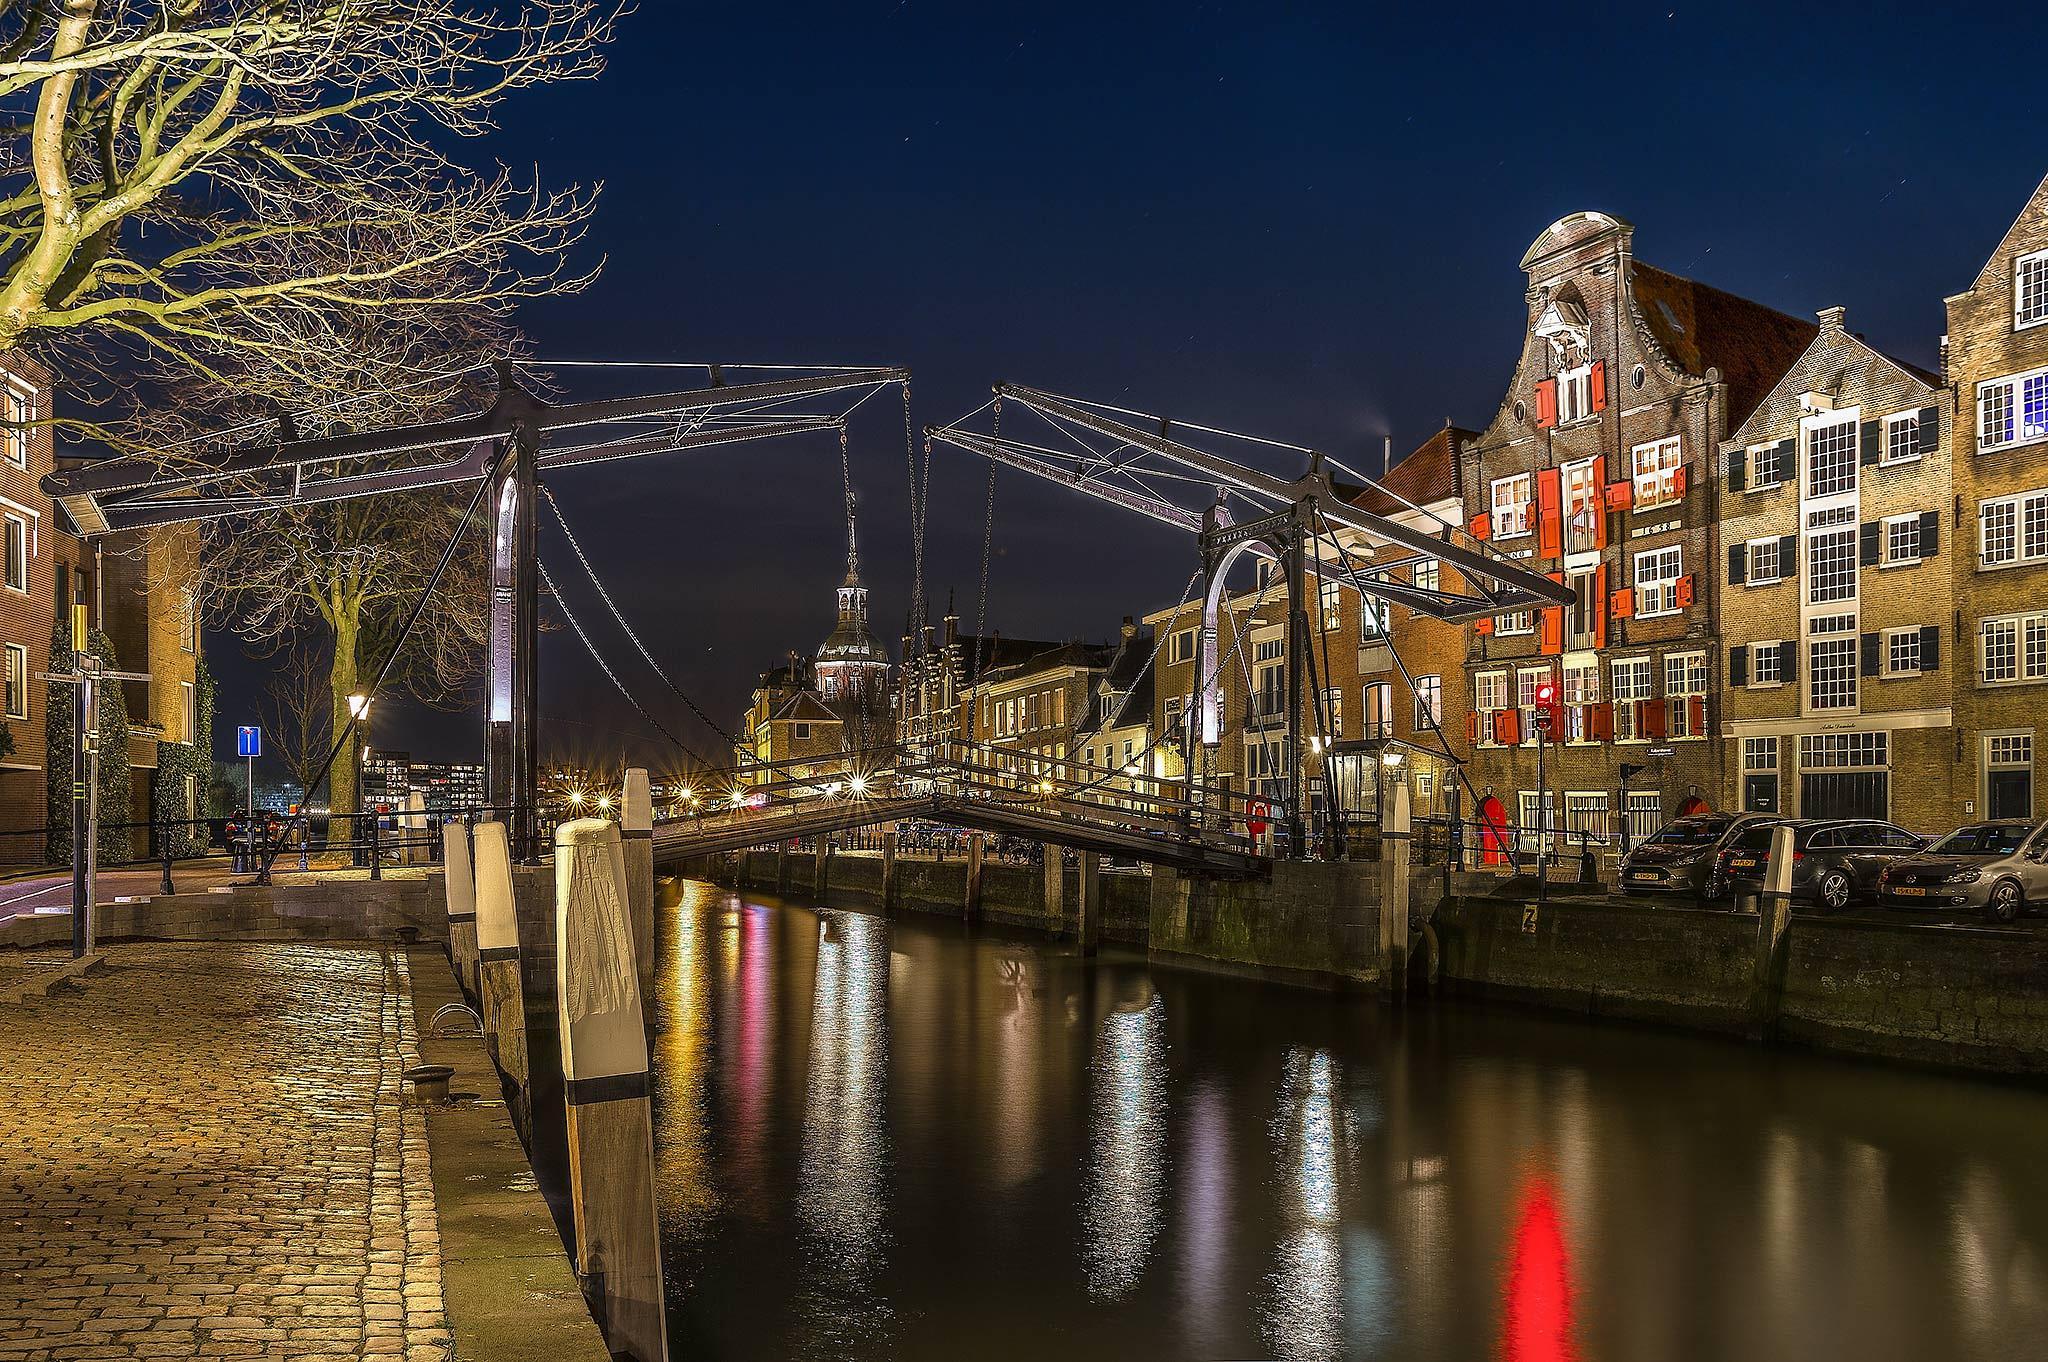 Kuipershaven Dordrecht by Rémon Lourier